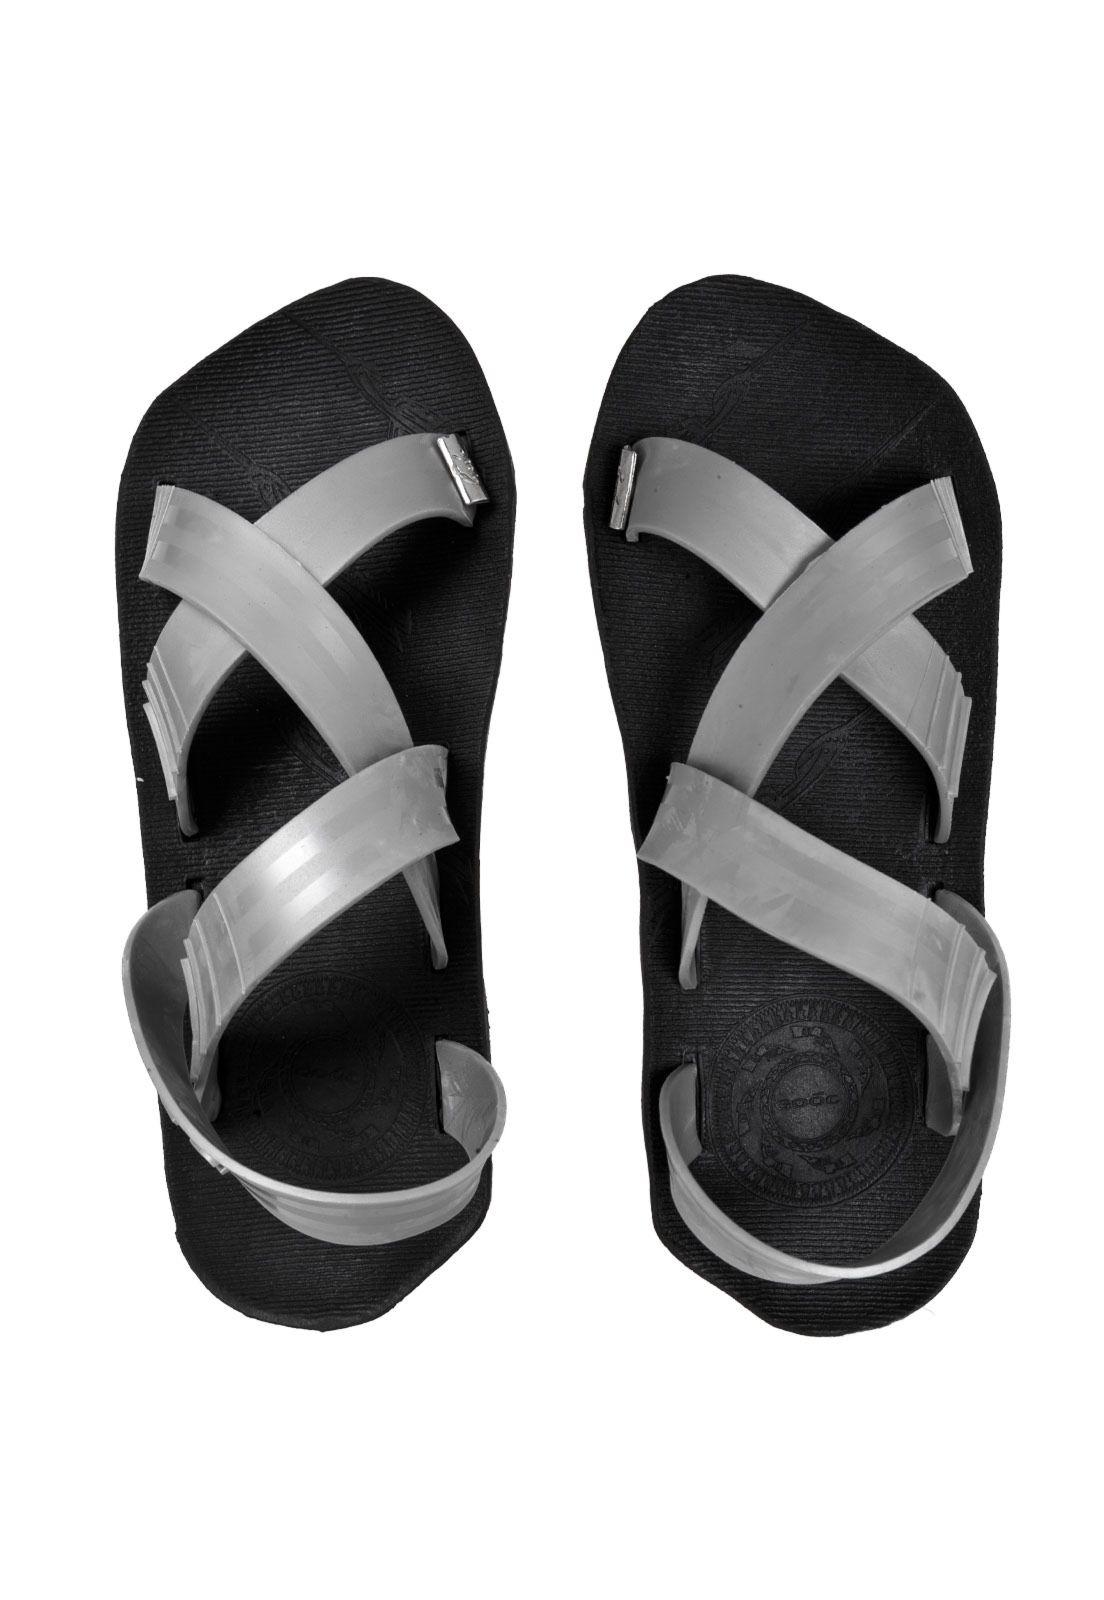 29161c373c6f8 Papete Gooc Geocasp Cinza - Compre Agora   Dafiti   Men s Sandals